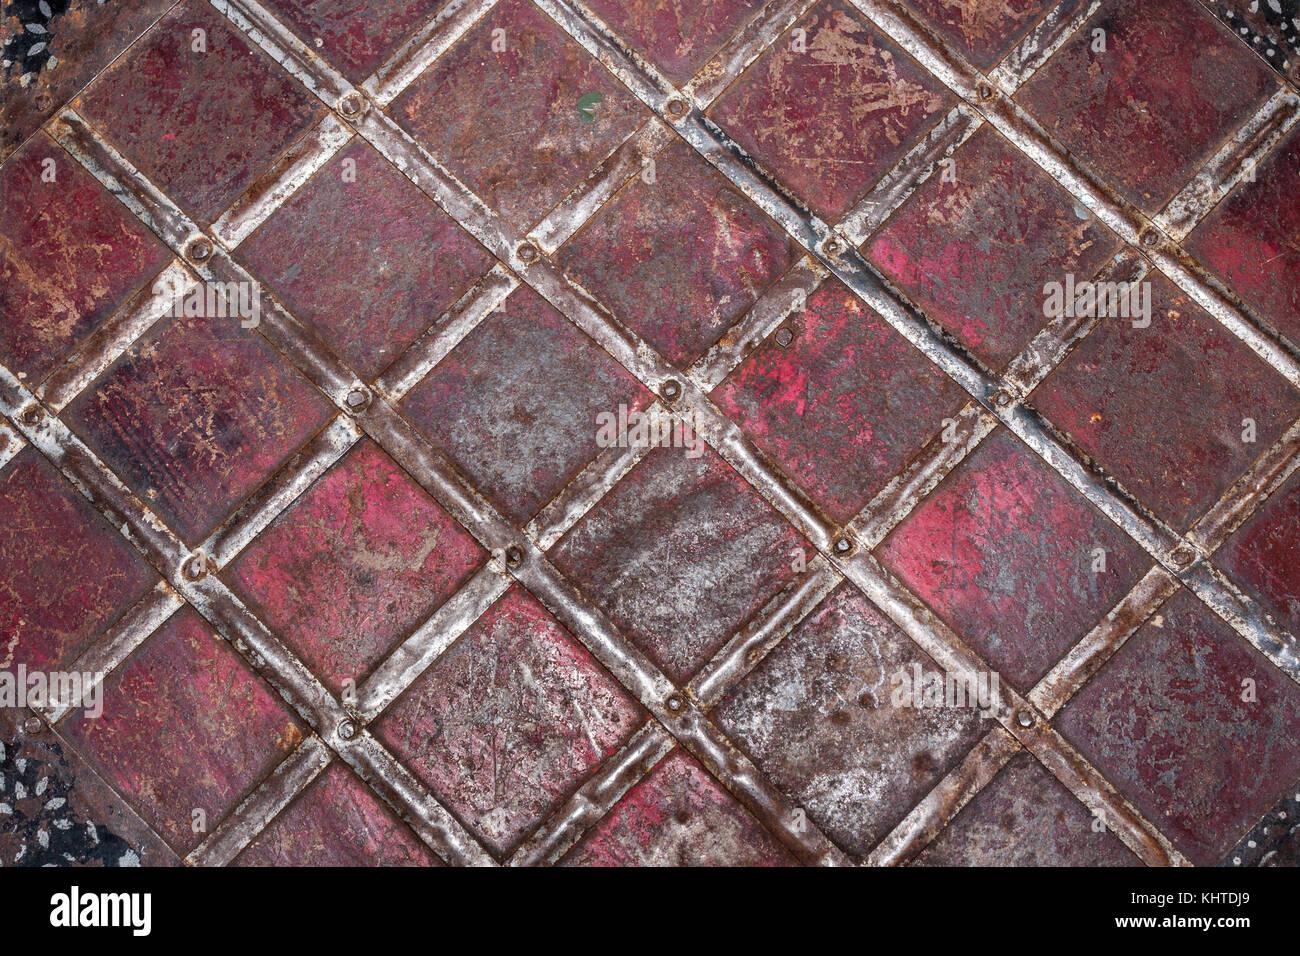 Patrón geométrico de tiras de estaño clavado a oxidarse y raída hoja ...